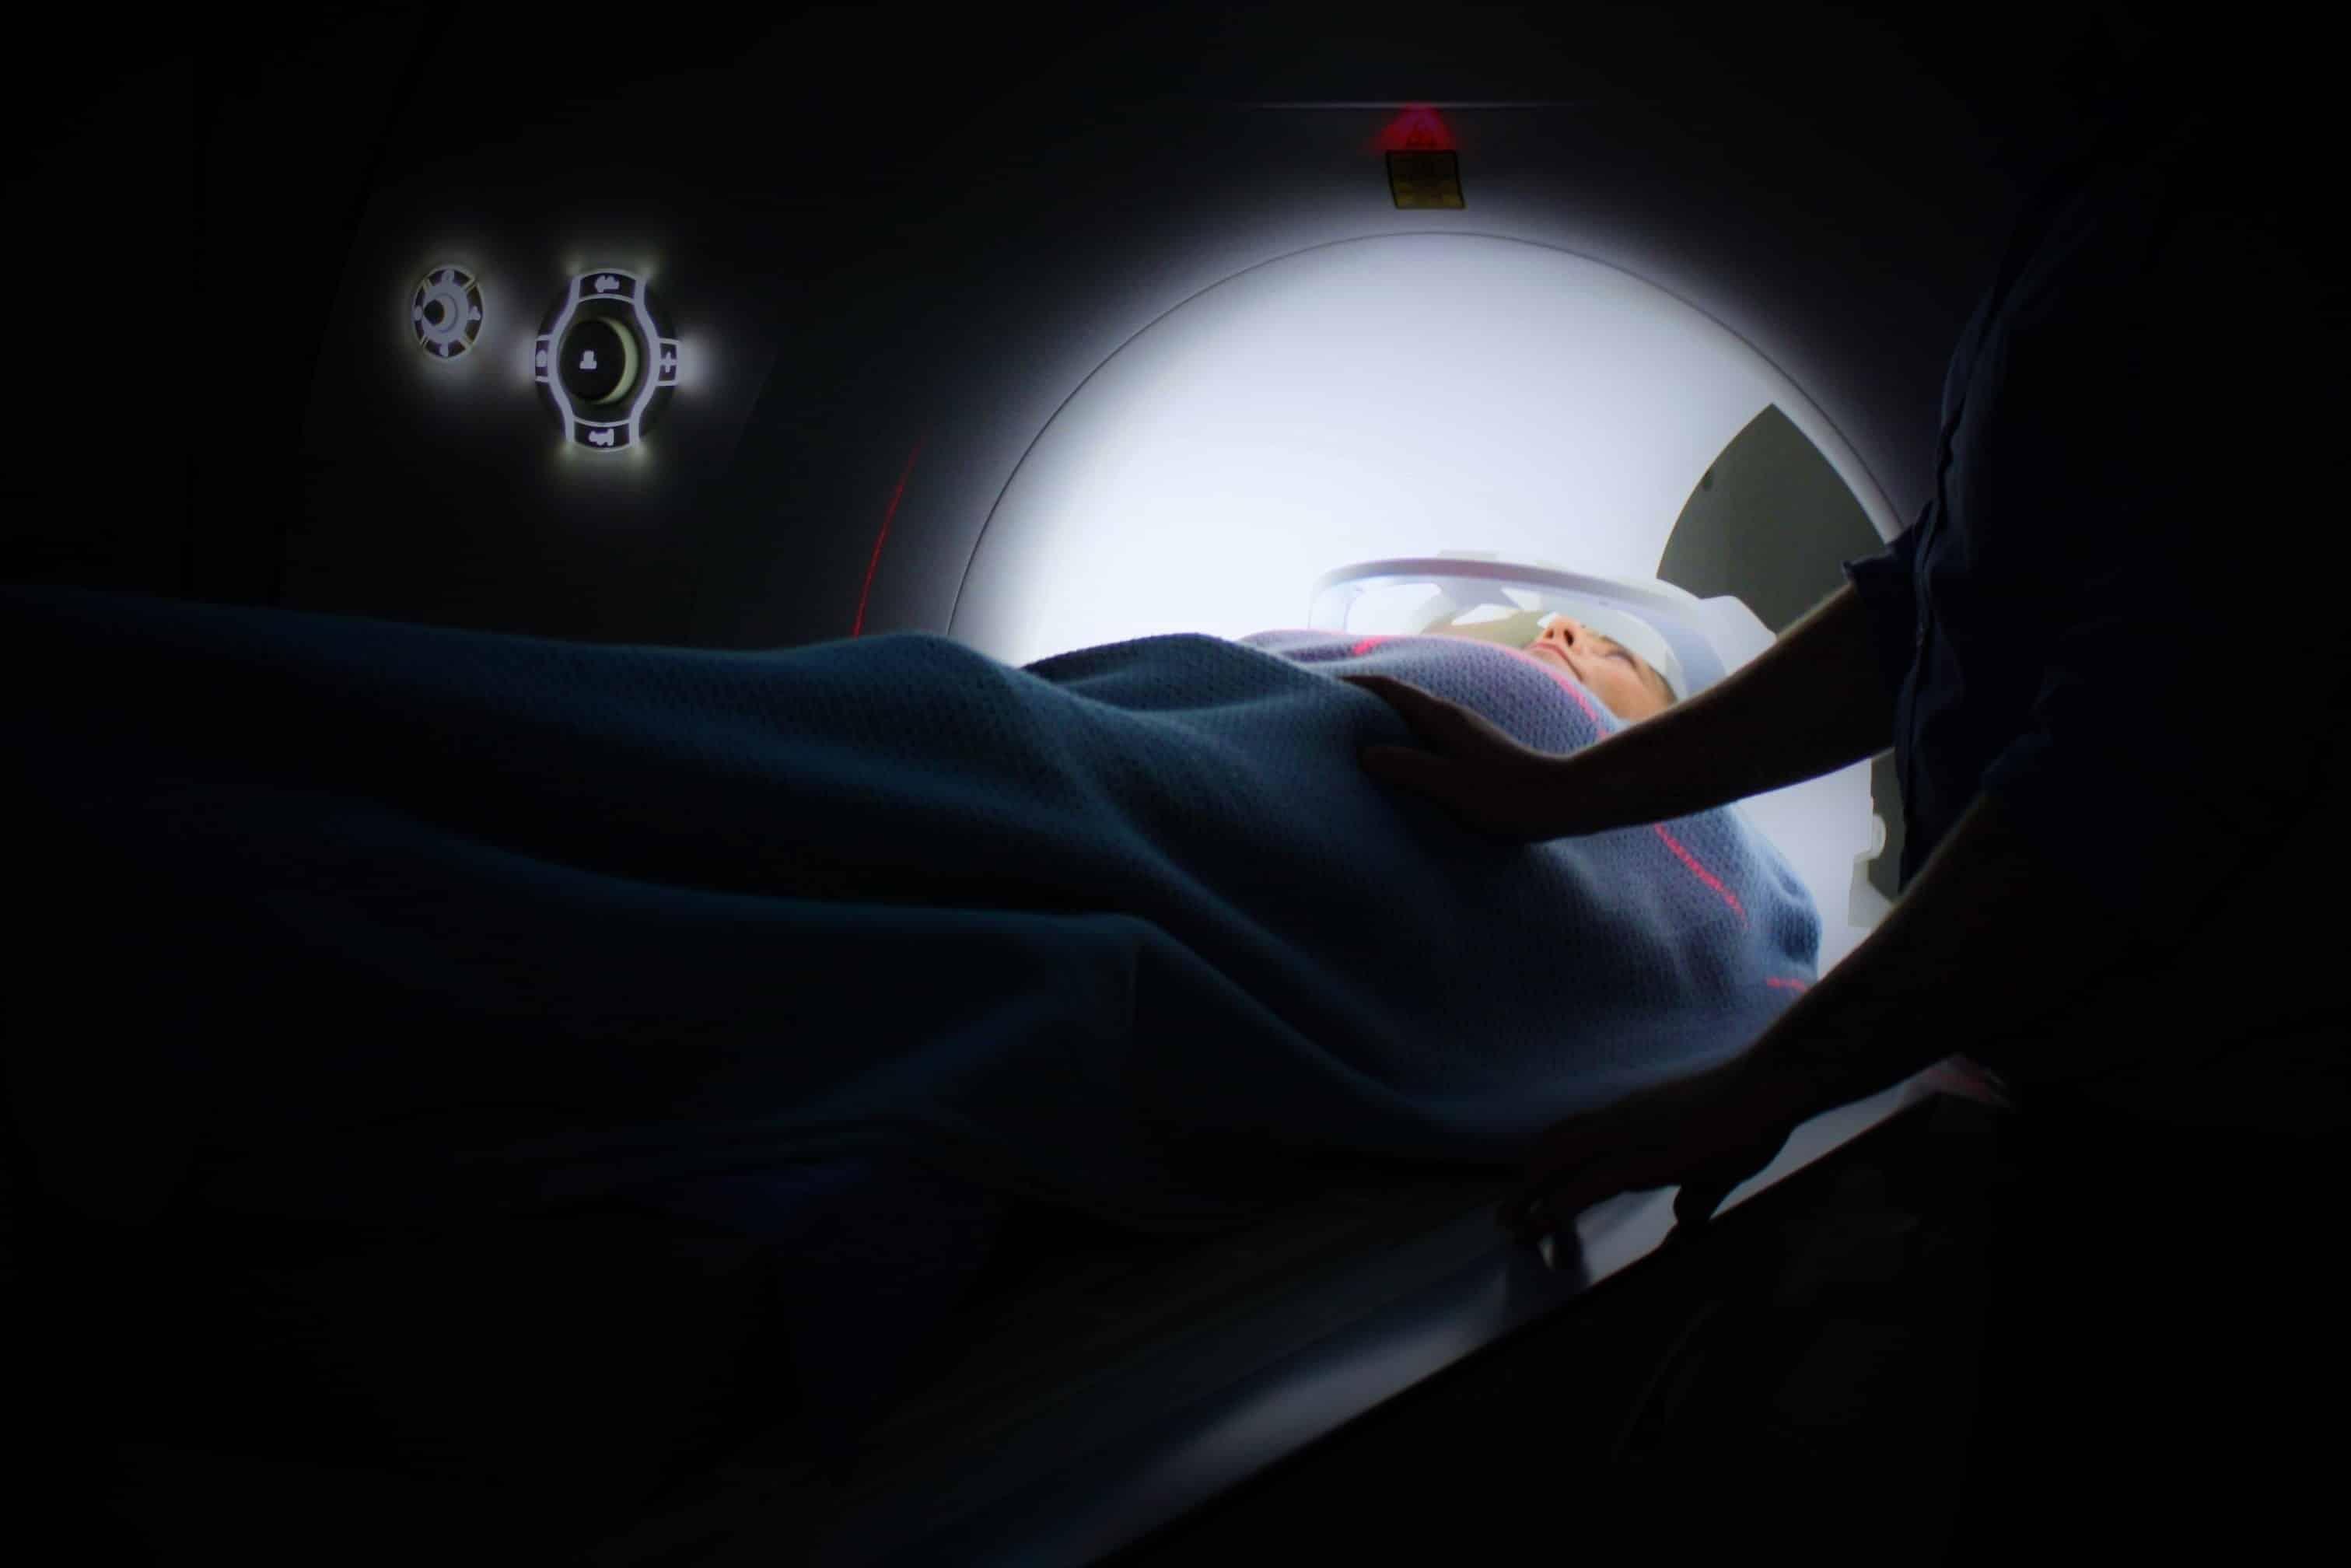 איך להתכונן לבדיקת MRI